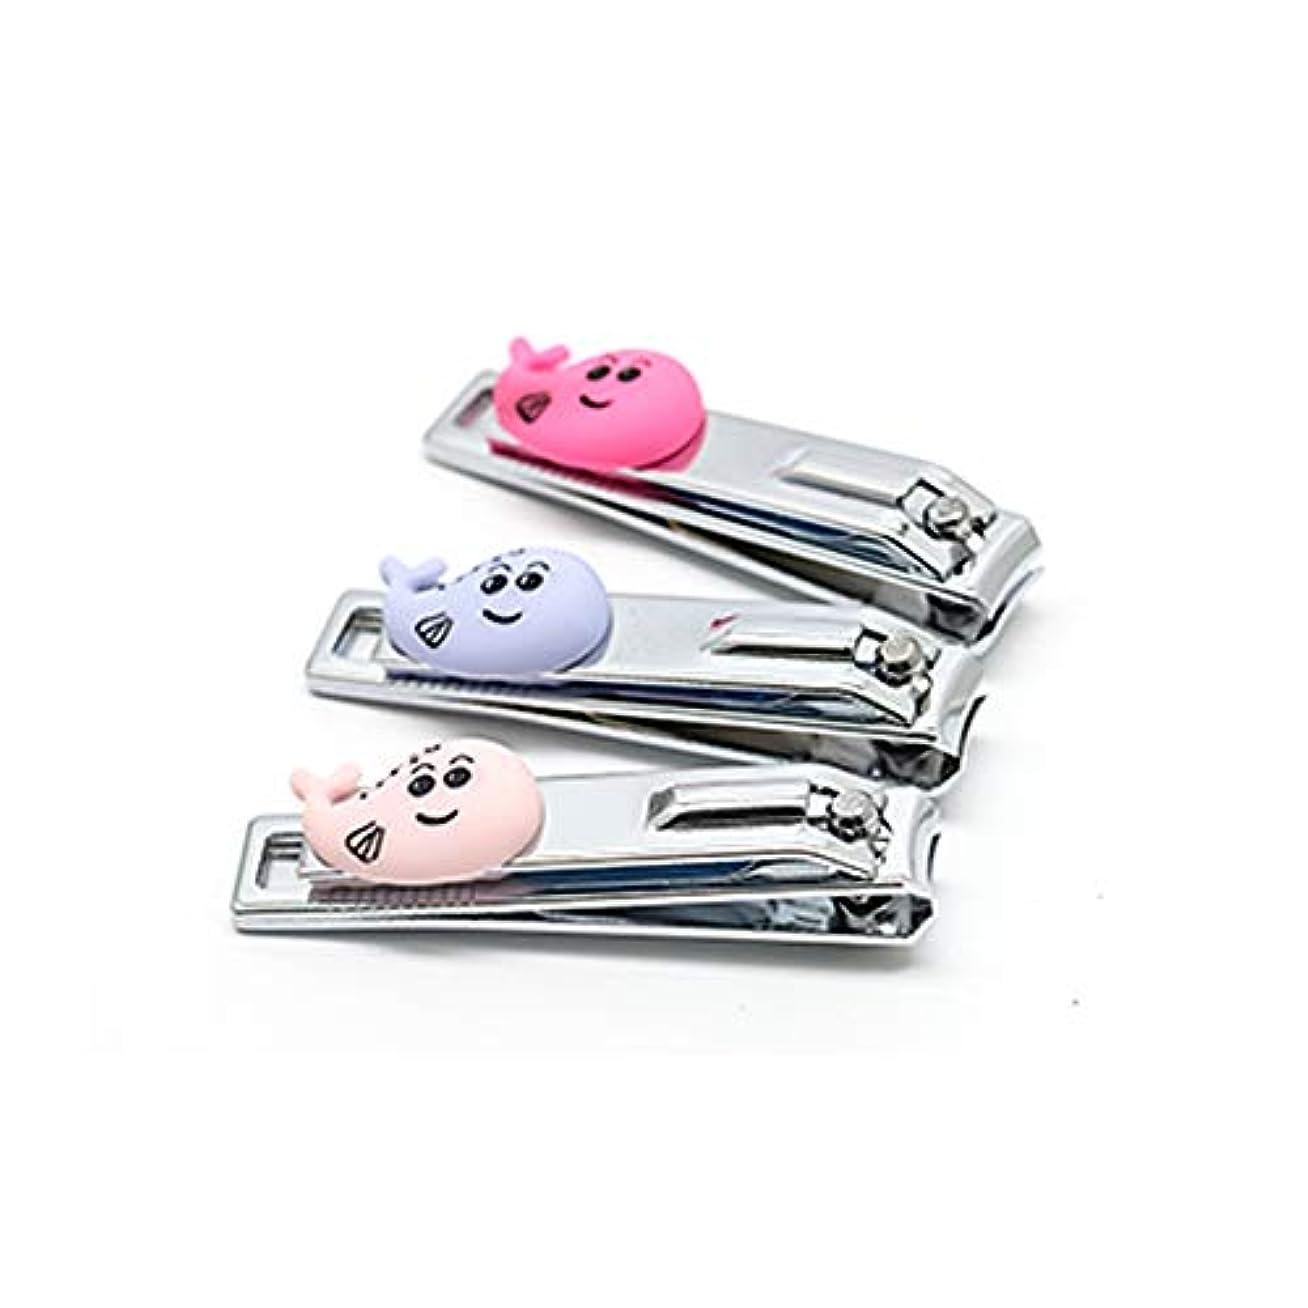 アカデミックサーバファイバシンプルな爪切りかわいい爪切り携帯便利爪切り、ランダムな色